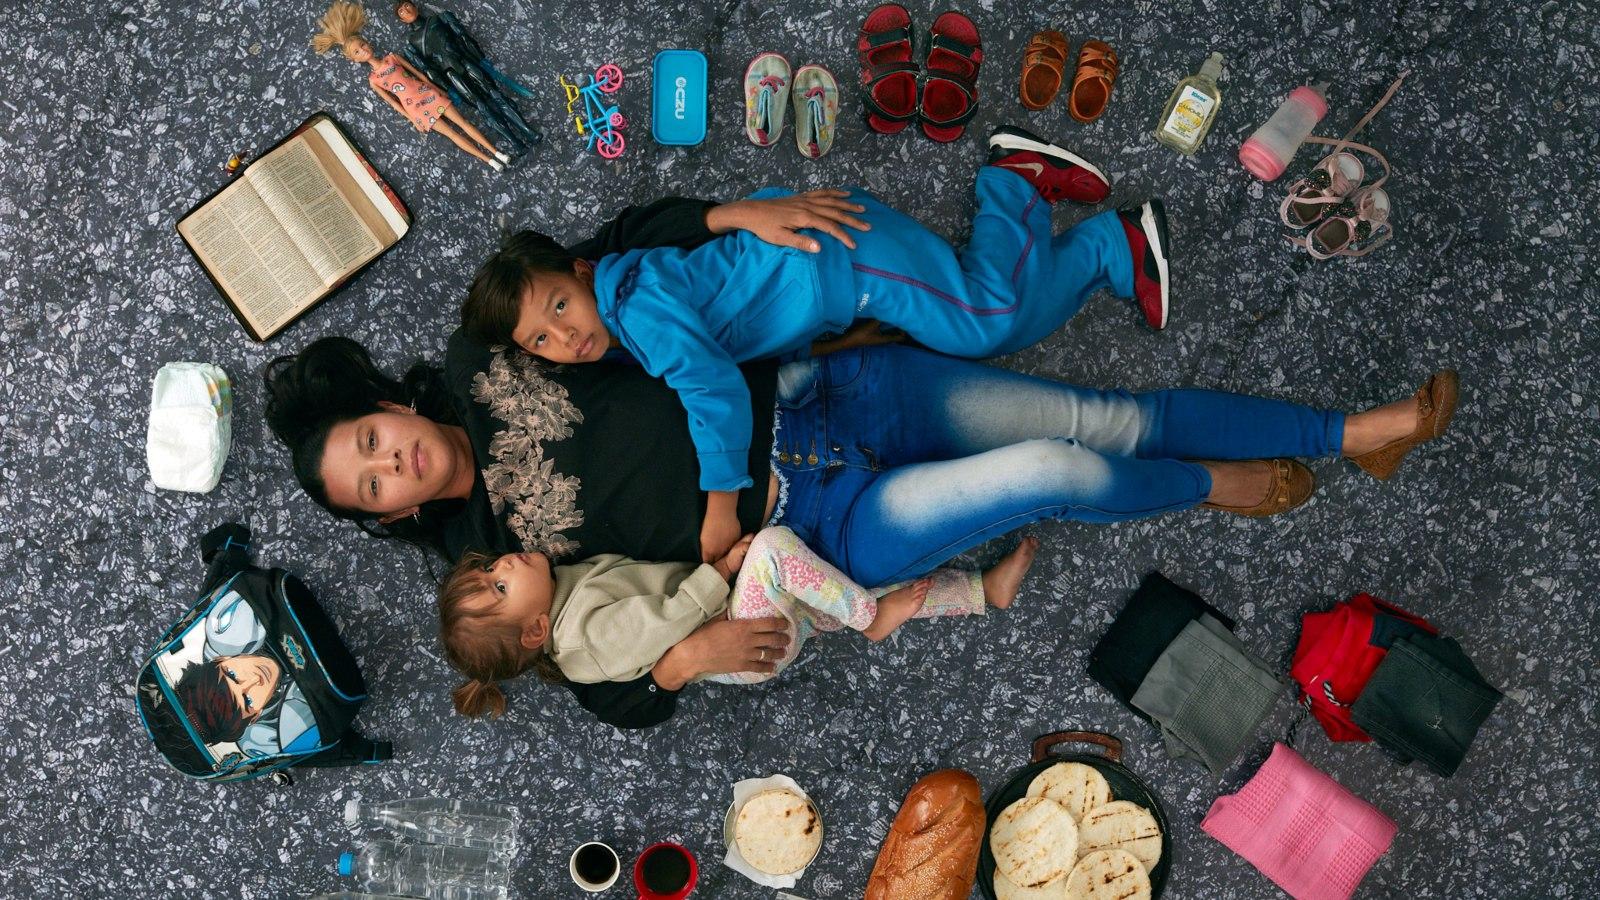 El fotógrafo Gregg Segal retrató el equipaje de las madres migrantes venezolanas